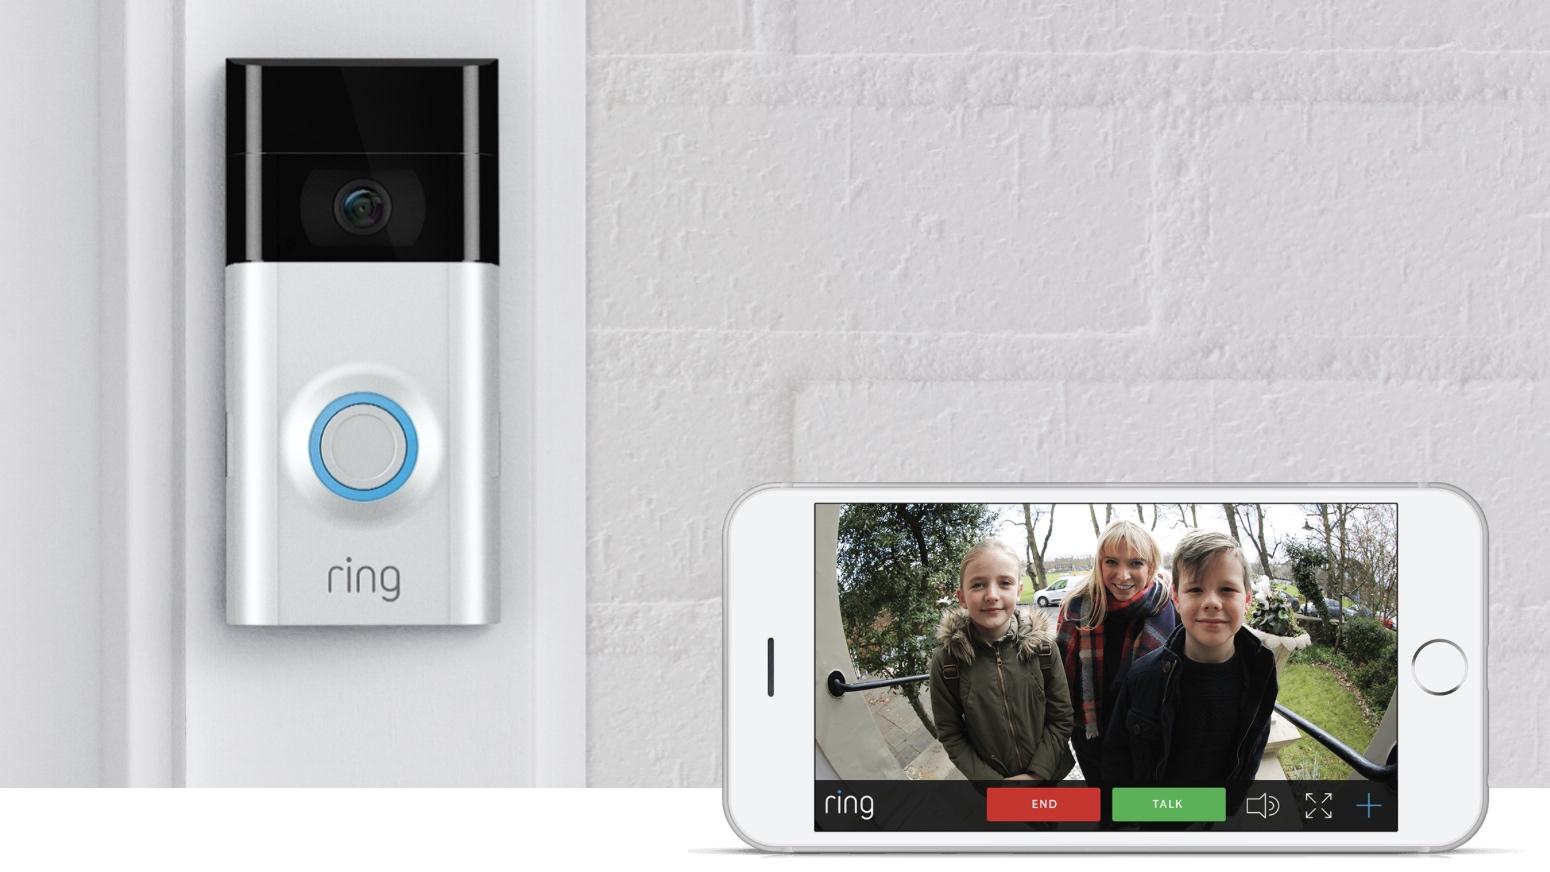 ring_doorbell.jpg